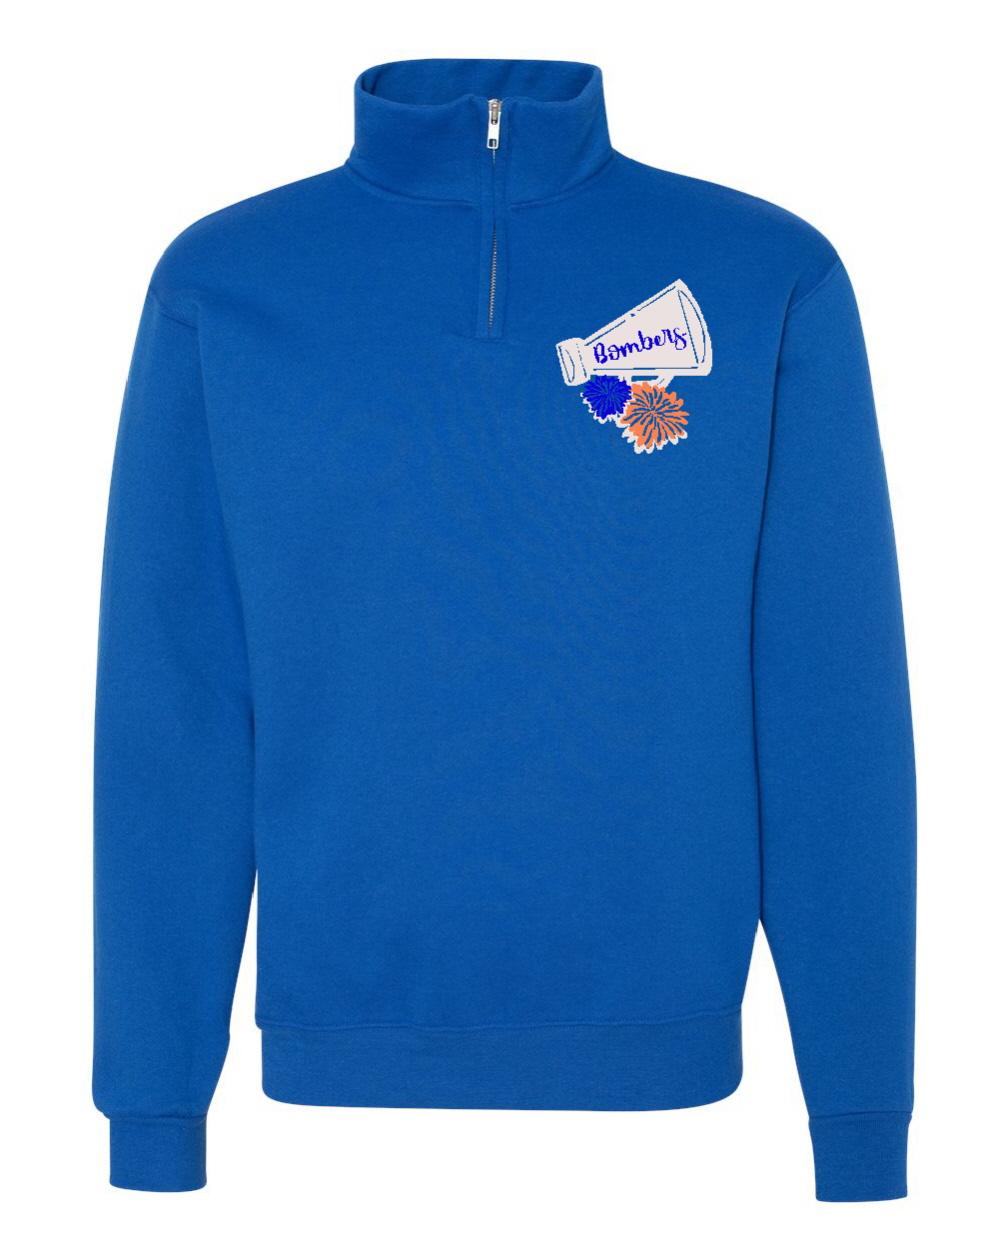 Quarter zip sweatshirt material